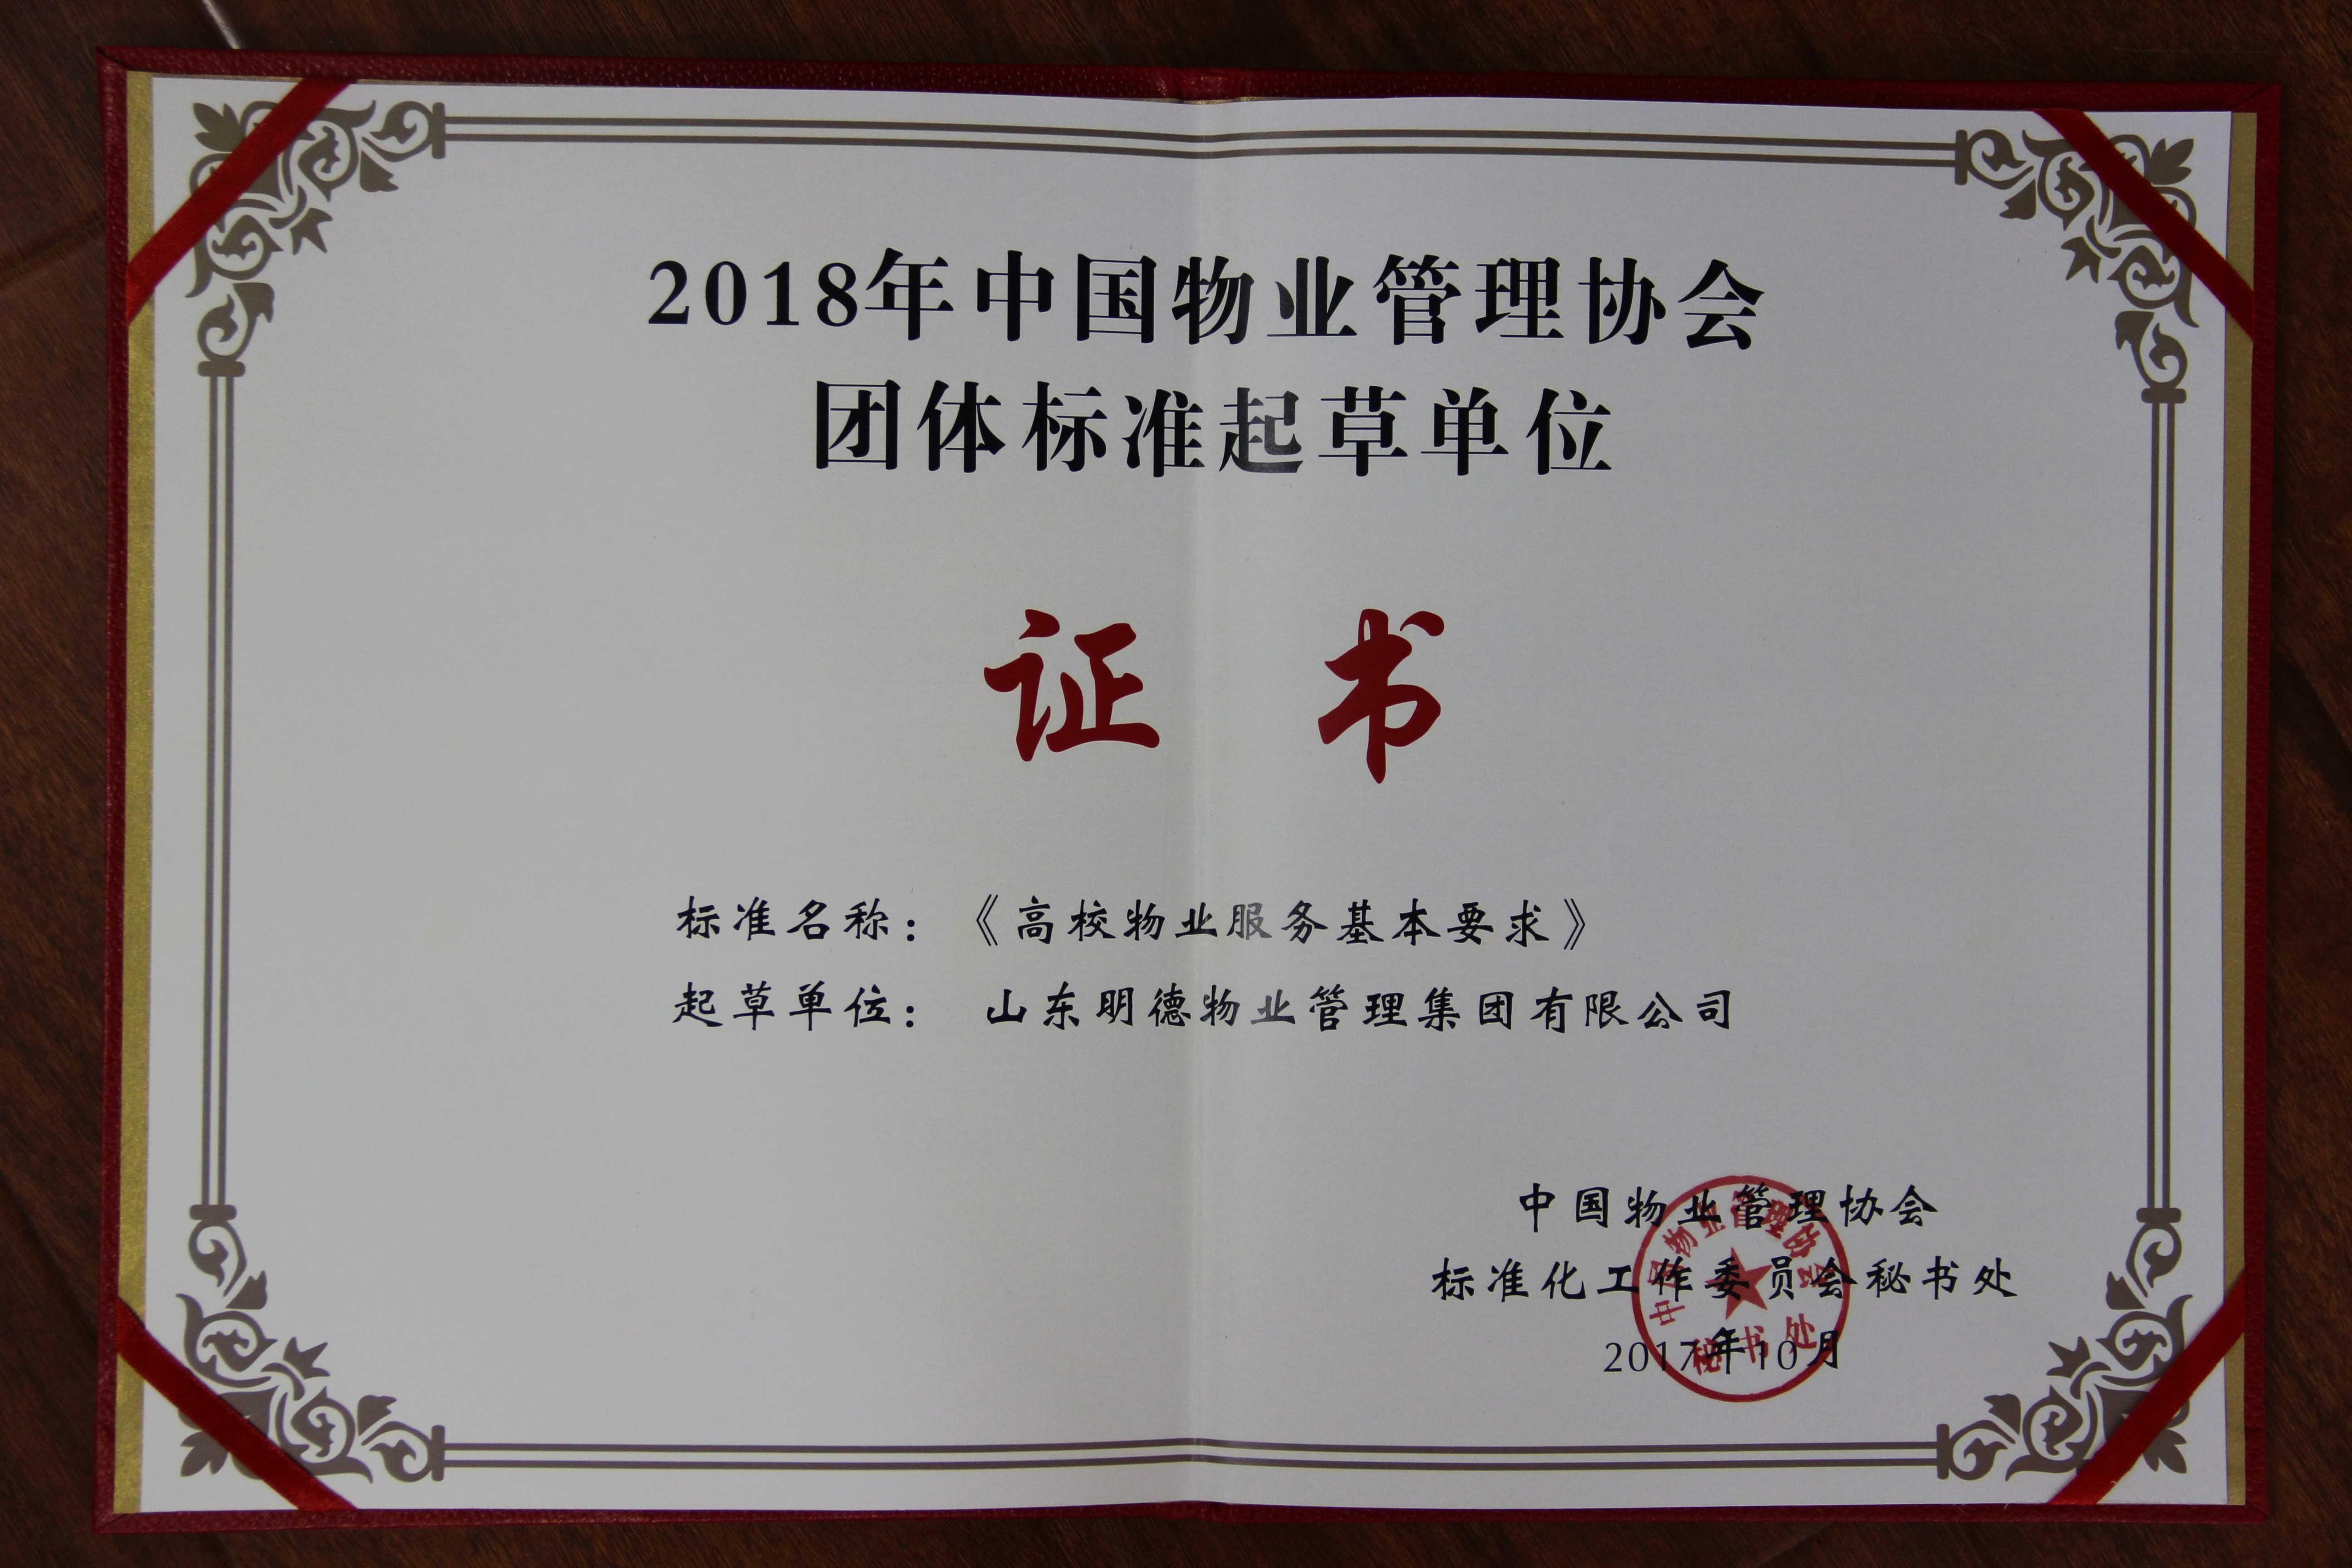 2018年中国物业管理协会团体标准起草单位